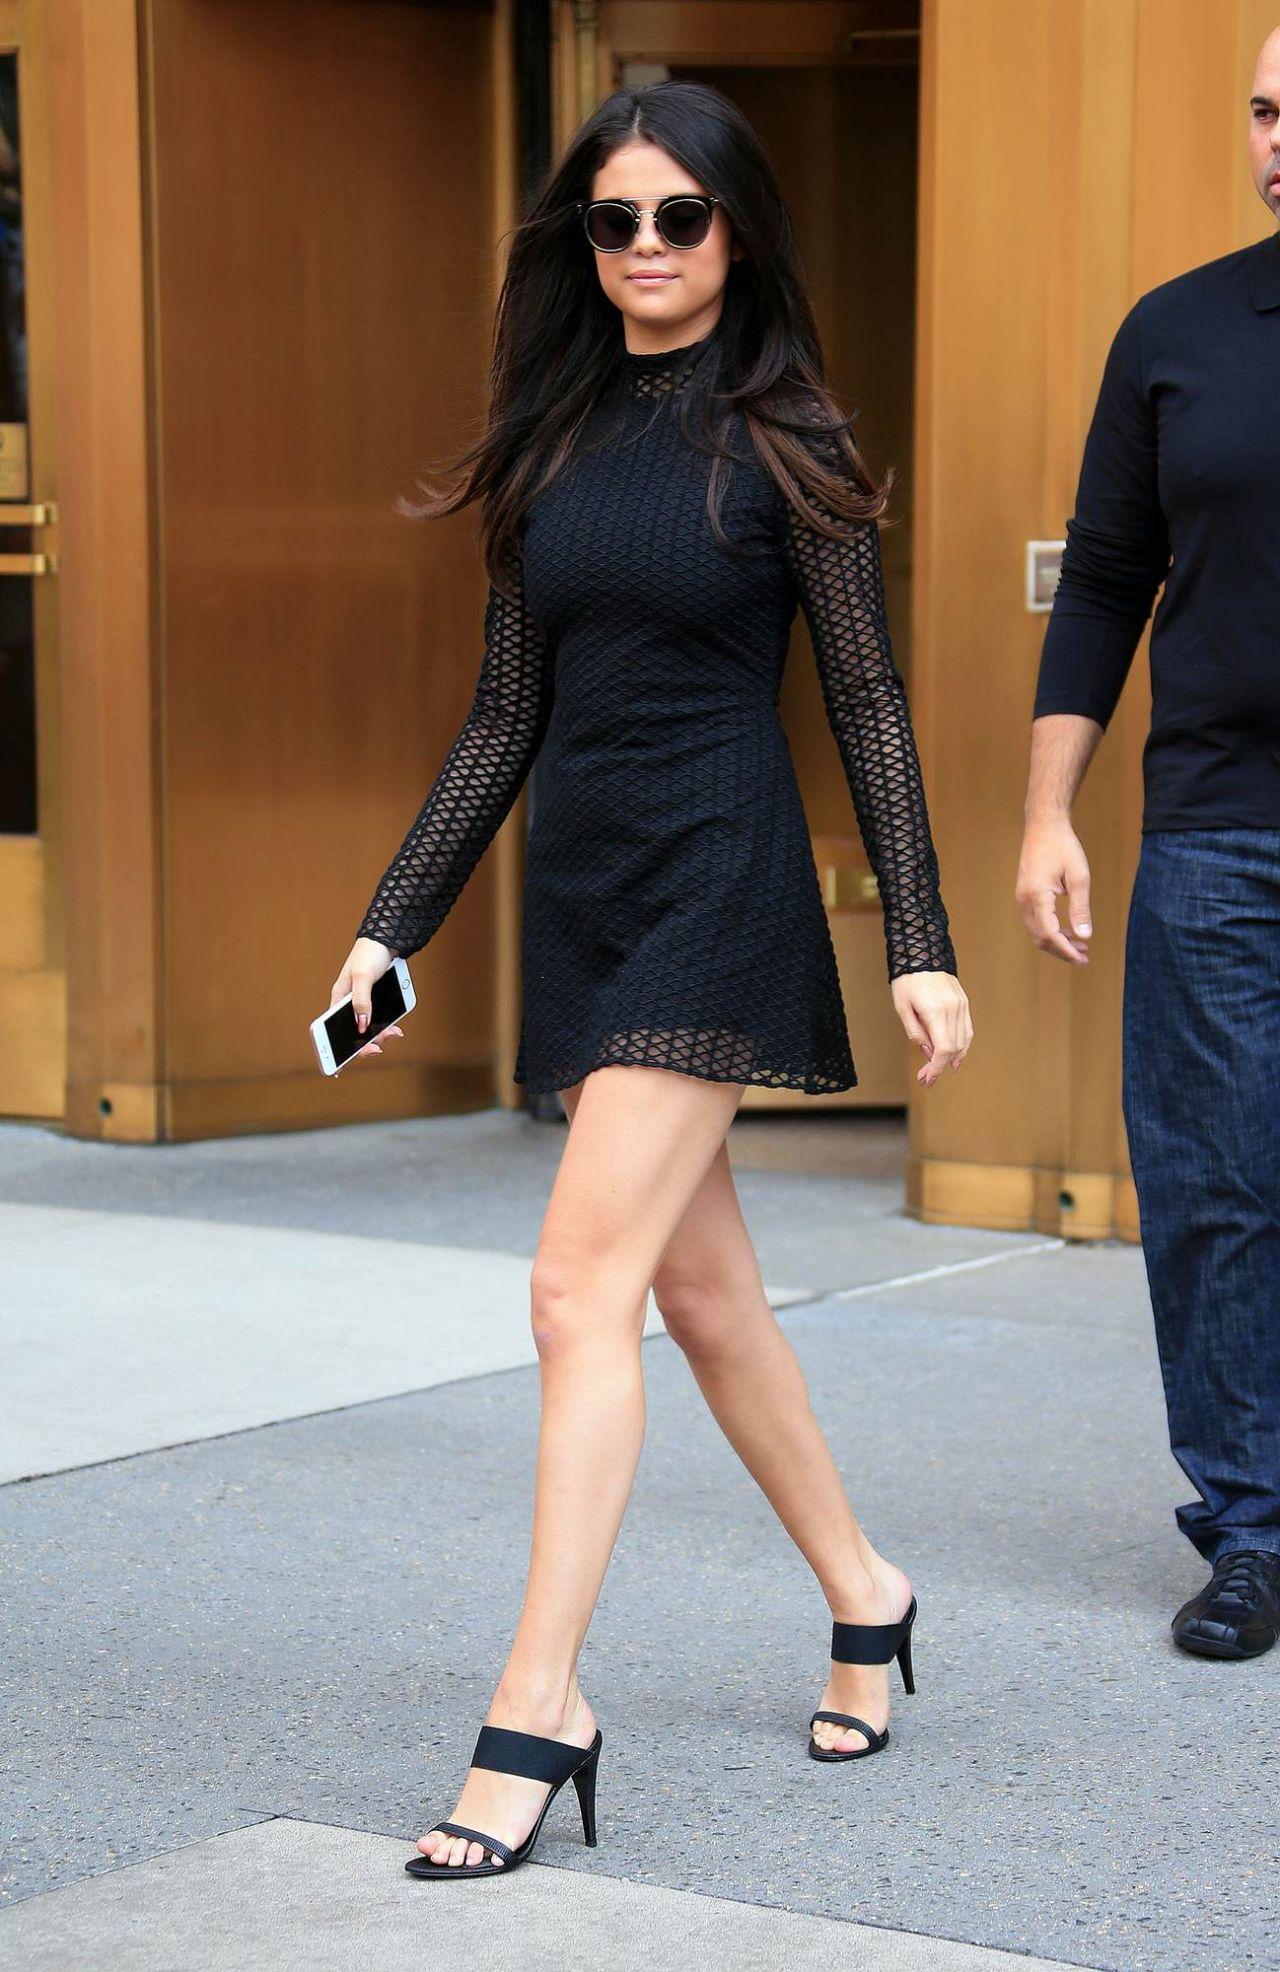 Selena Gomez Hot In Mini Dress Leaving Her Hotel In Nyc